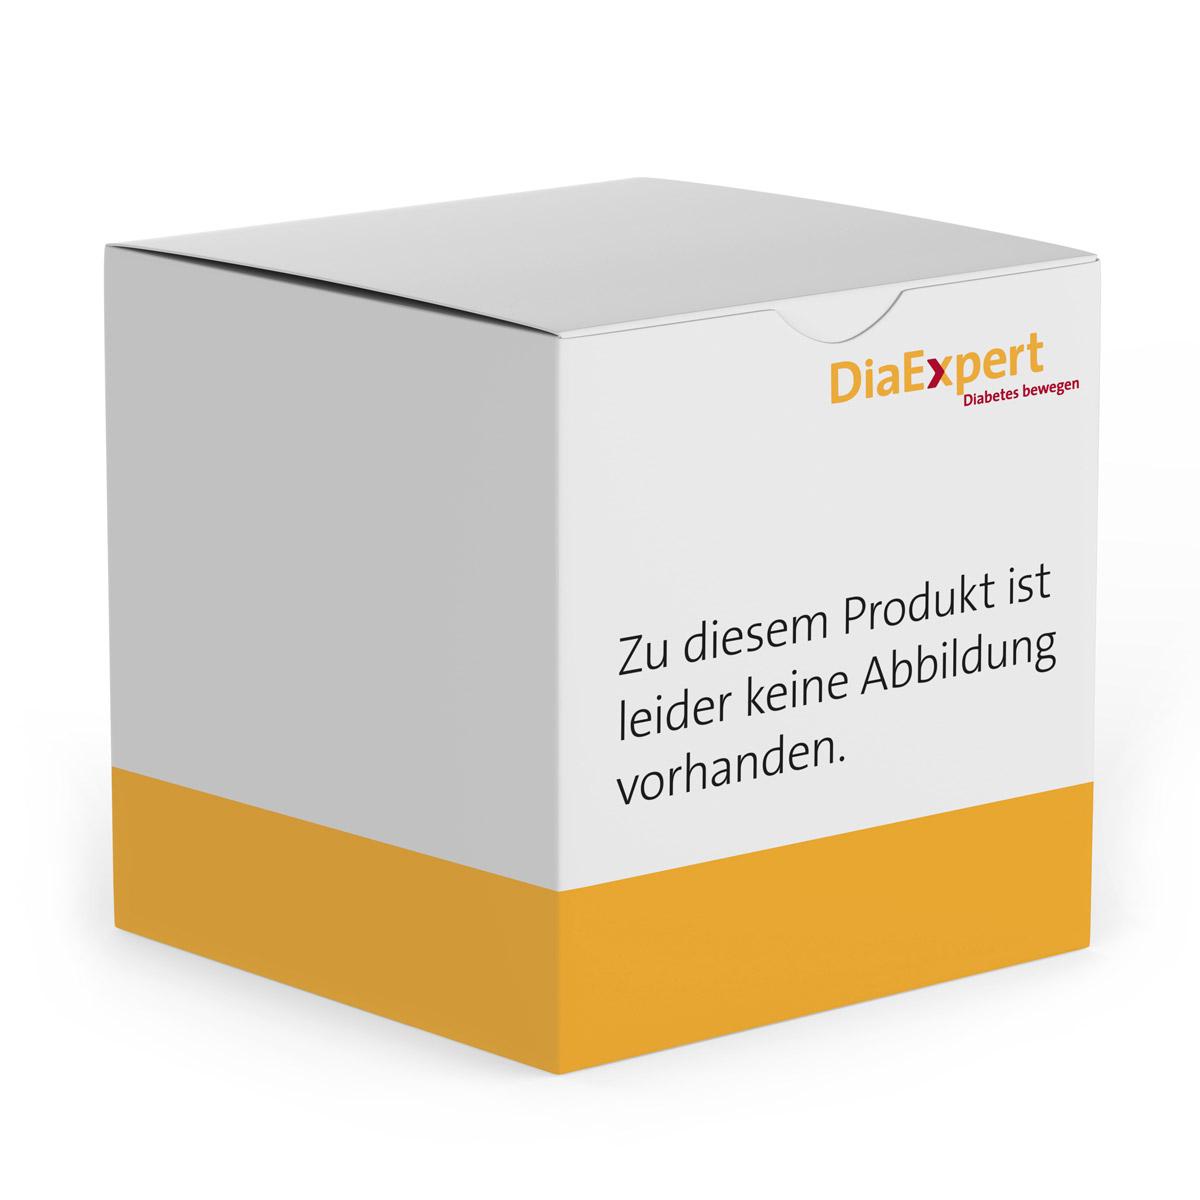 Accu-Chek Insight Insulinpumpensystem mmol/L